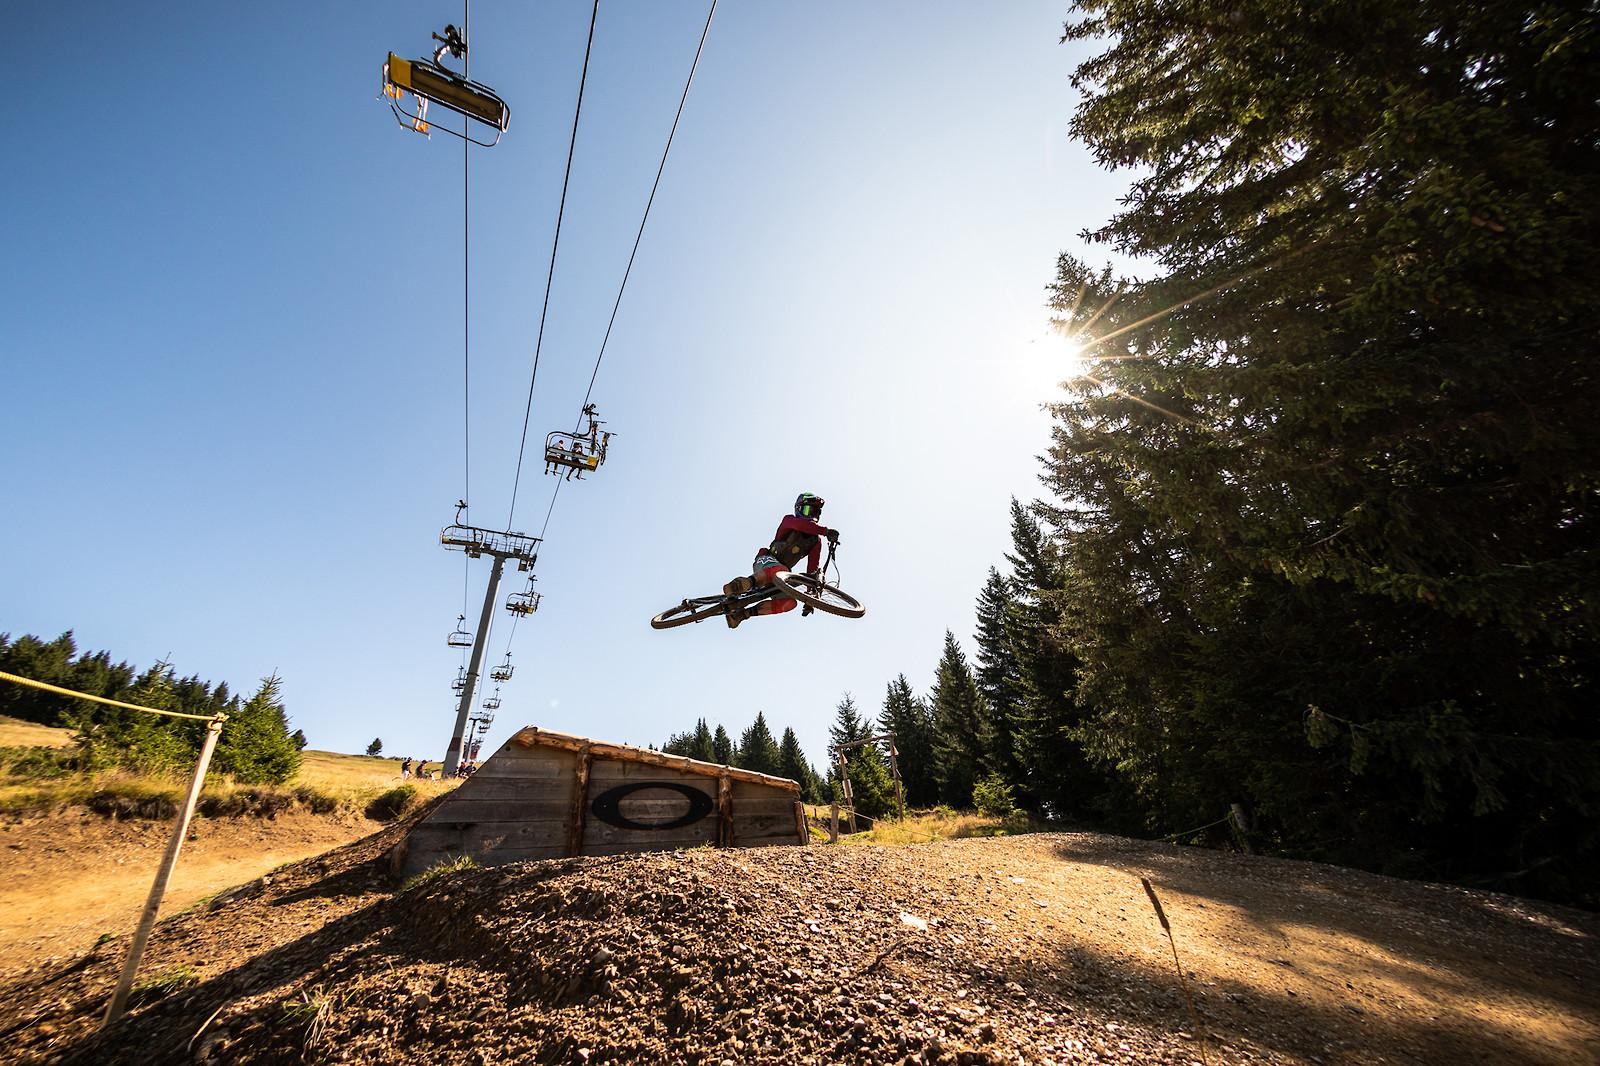 24A0559 - Entwoane - Mountain Biking Pictures - Vital MTB